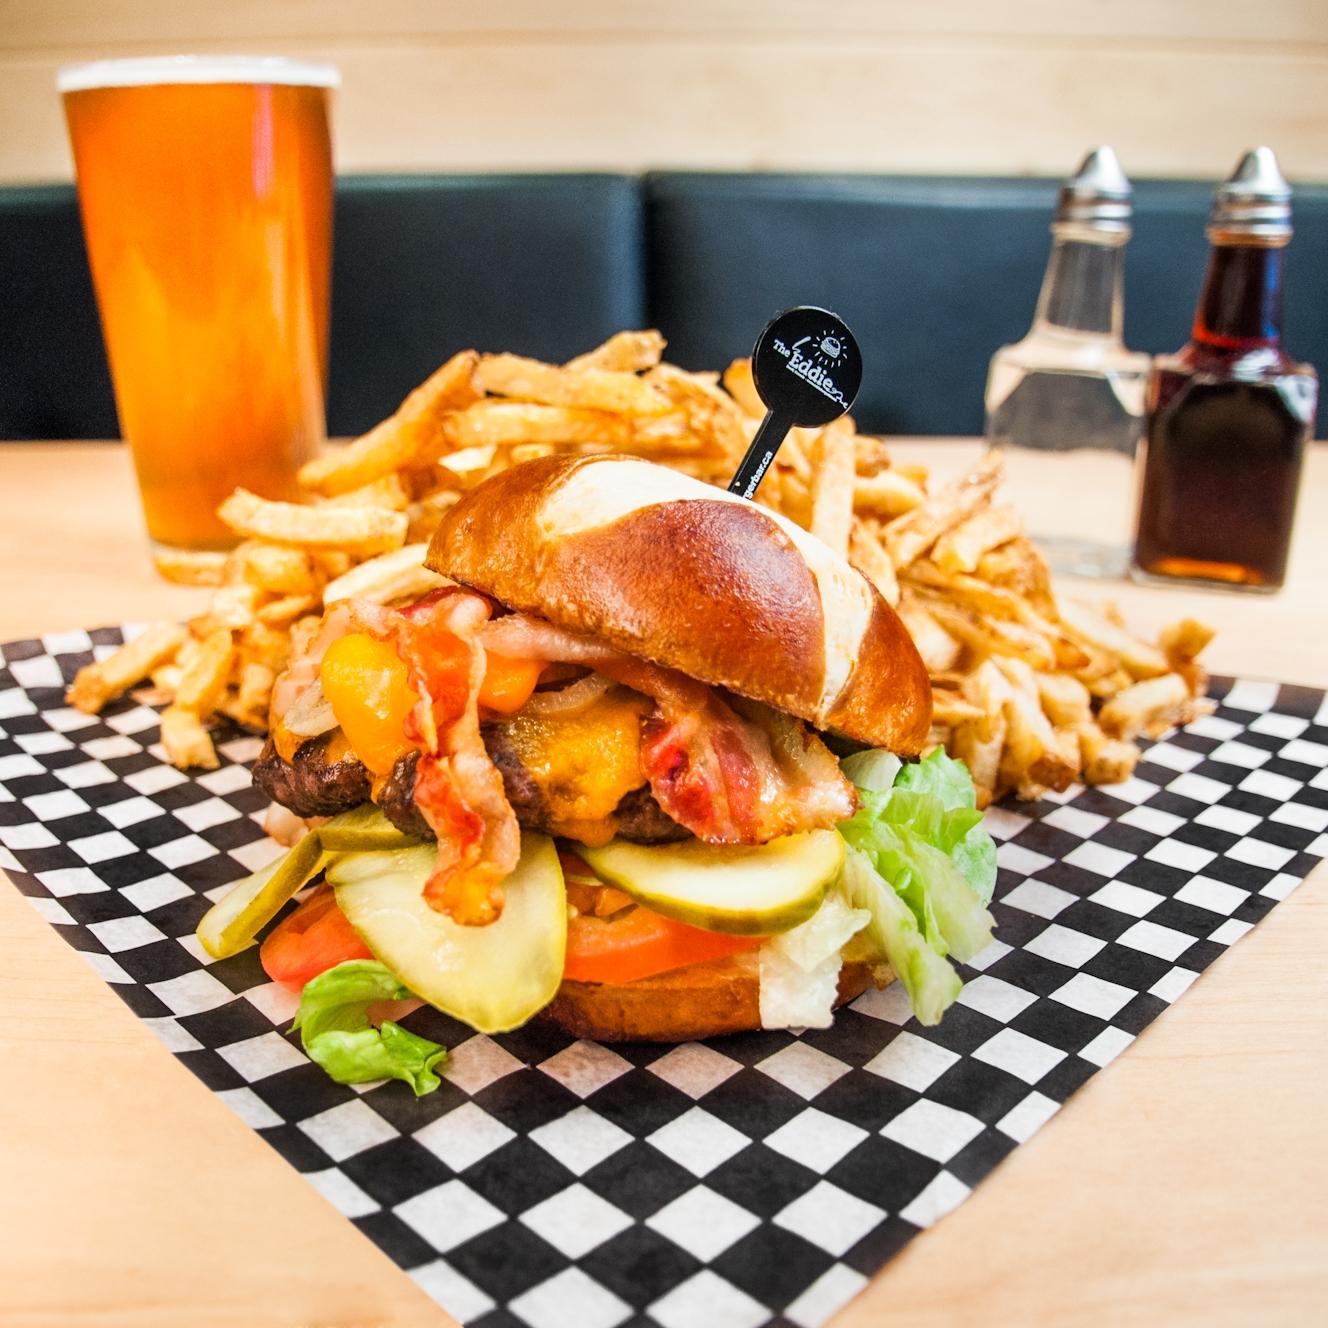 Eddie burger | Banff's best burgers